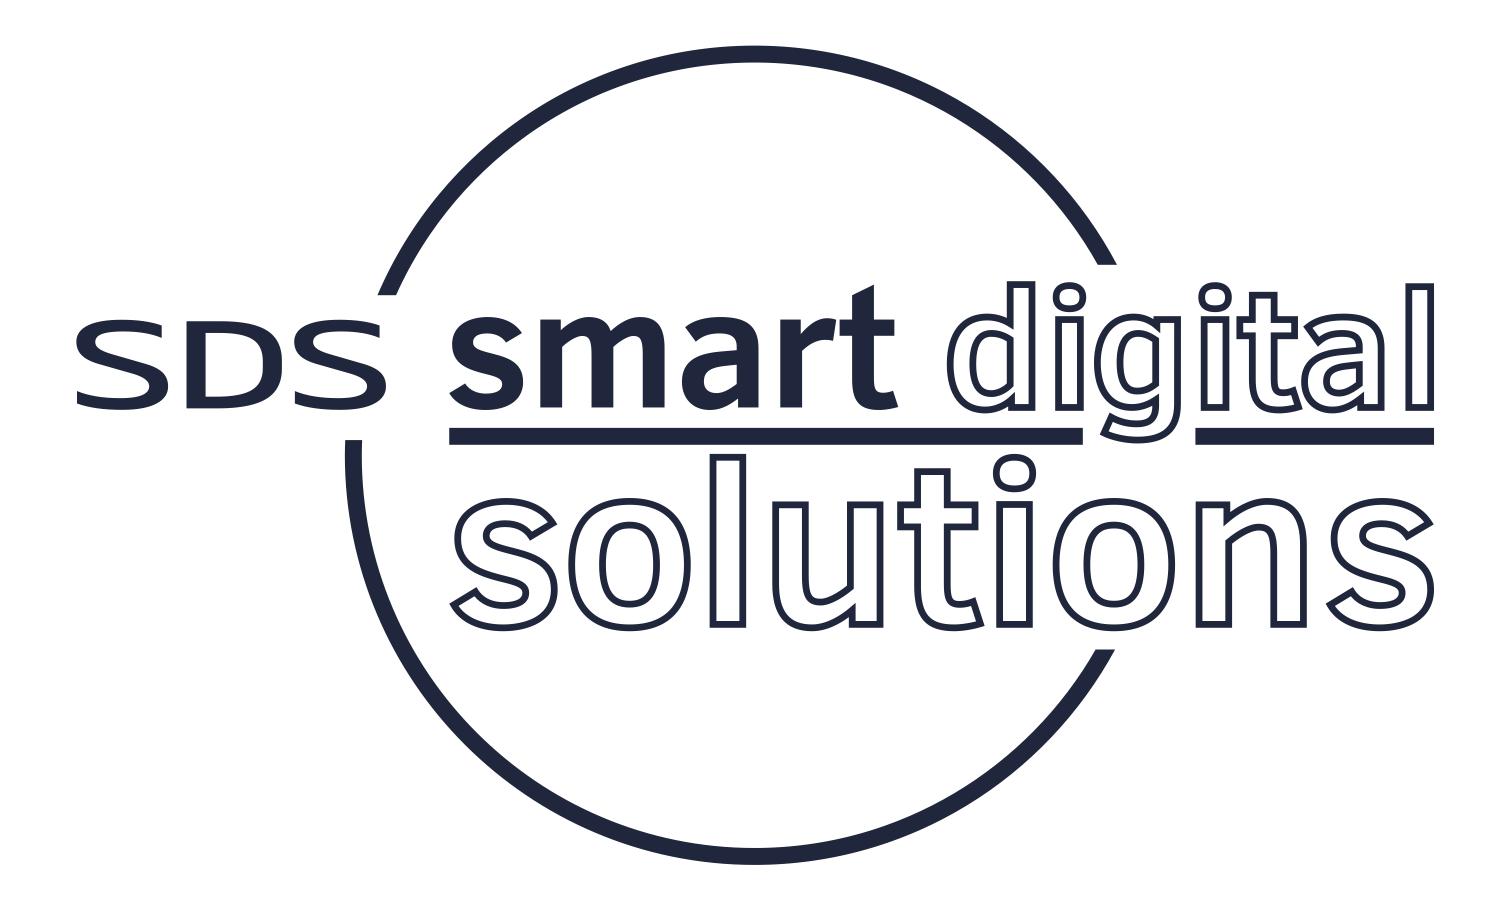 Smart Digital Solutions